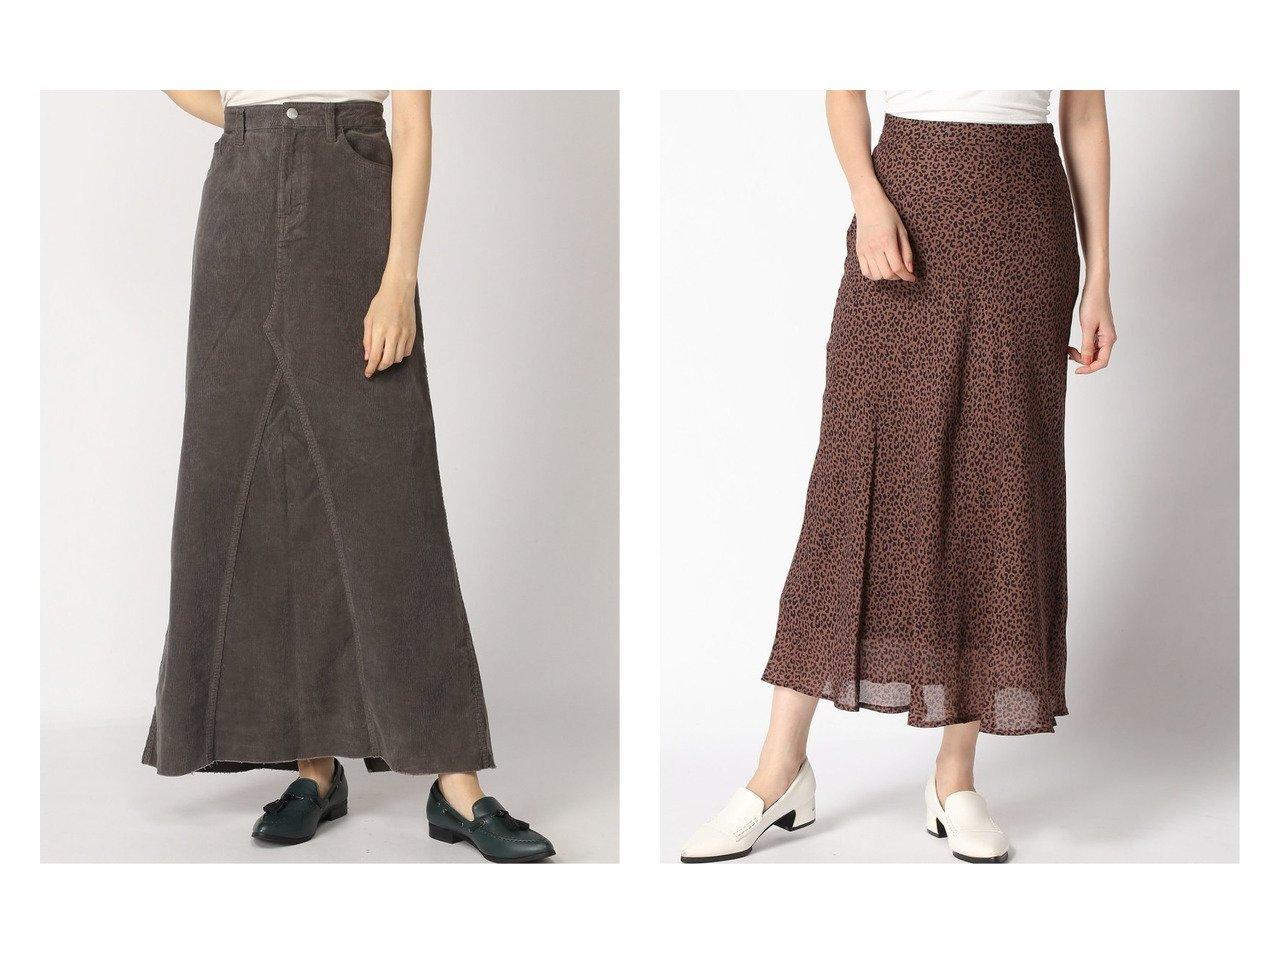 【LOWRYS FARM/ローリーズファーム】のアニマルキリカエフレアスカート&【Plage/プラージュ】のHEALTHY DENIM SP CORD LONG SLIT SKT スカートのおすすめ!人気、レディースファッションの通販 おすすめで人気のファッション通販商品 インテリア・家具・キッズファッション・メンズファッション・レディースファッション・服の通販 founy(ファニー) https://founy.com/ ファッション Fashion レディース WOMEN スカート Skirt ロングスカート Long Skirt Aライン/フレアスカート Flared A-Line Skirts コーデュロイ ストレッチ スリット デニム フィット フレア ロング 秋冬 A/W Autumn/ Winter カットソー スウェット マーメイド レオパード 人気 春 秋  ID:crp329100000003040